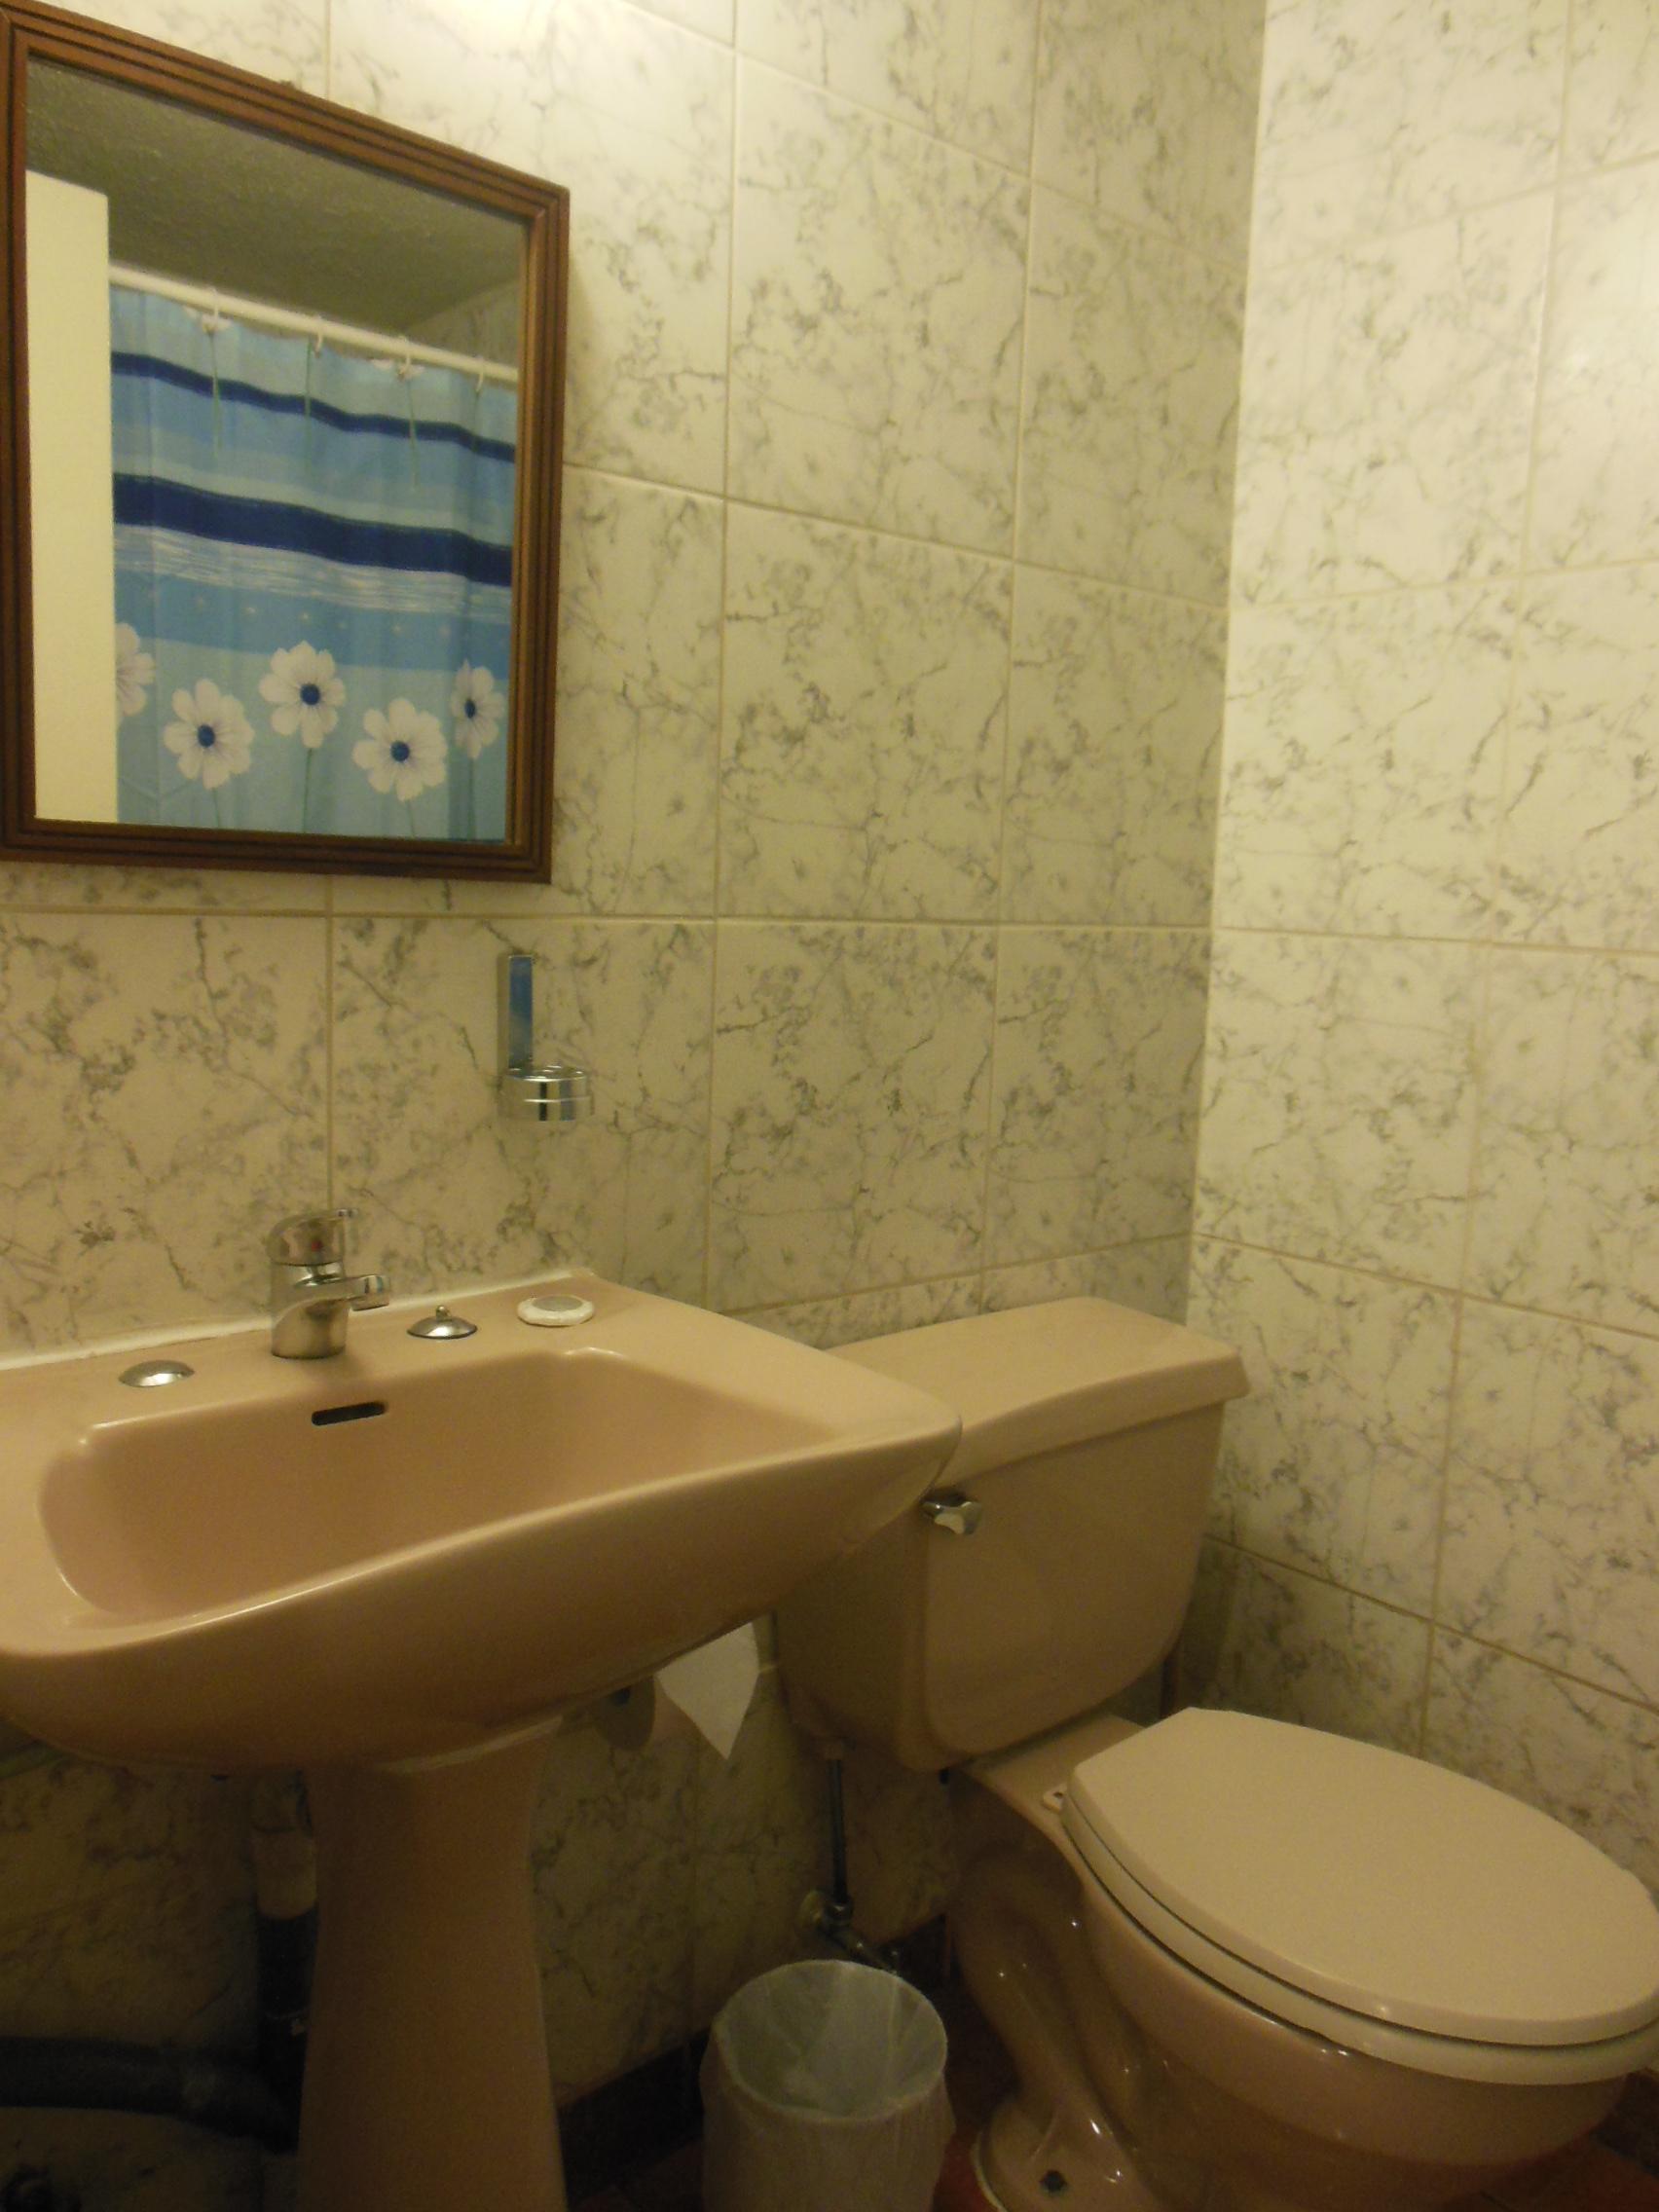 Santiago Centro / En venta departamento de 1 dormitorio 1 baño Av. Portugal